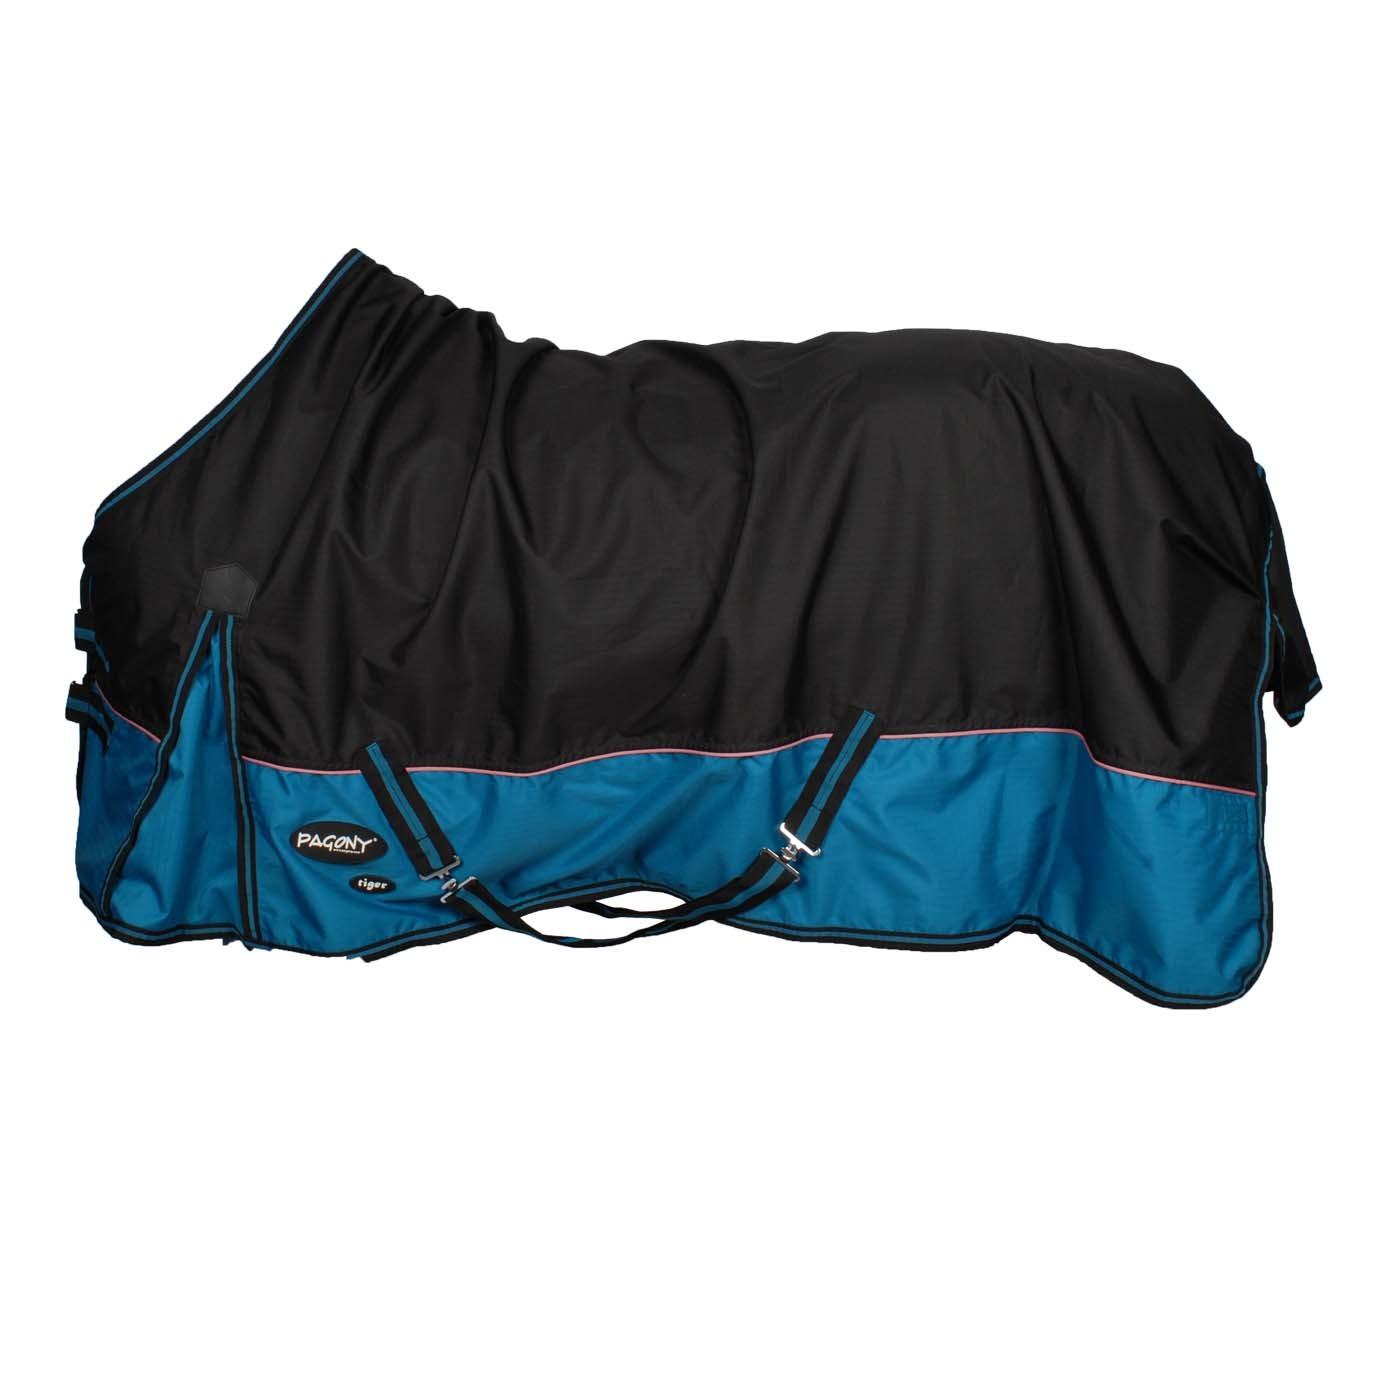 Pagony Tiger 0gr outdoor deken zwart maat:195